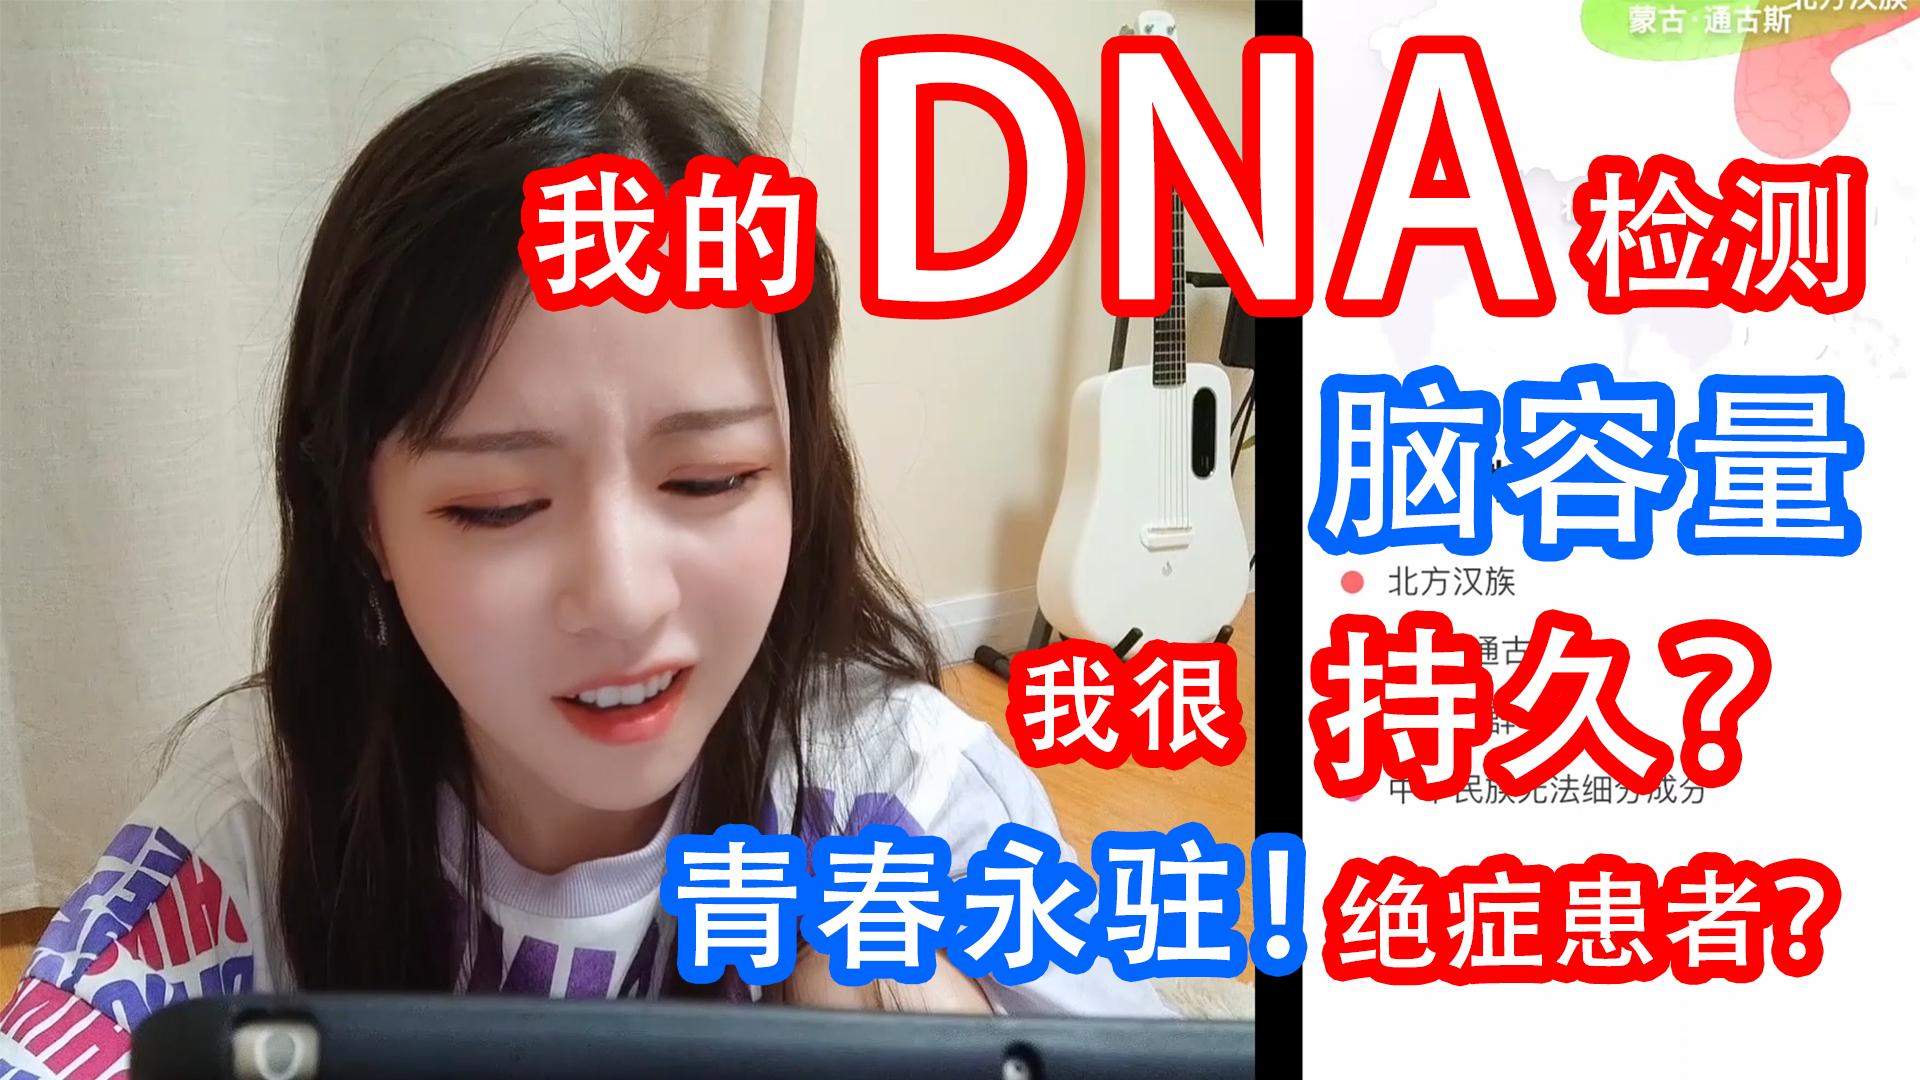 DNA可以解锁的隐藏属性